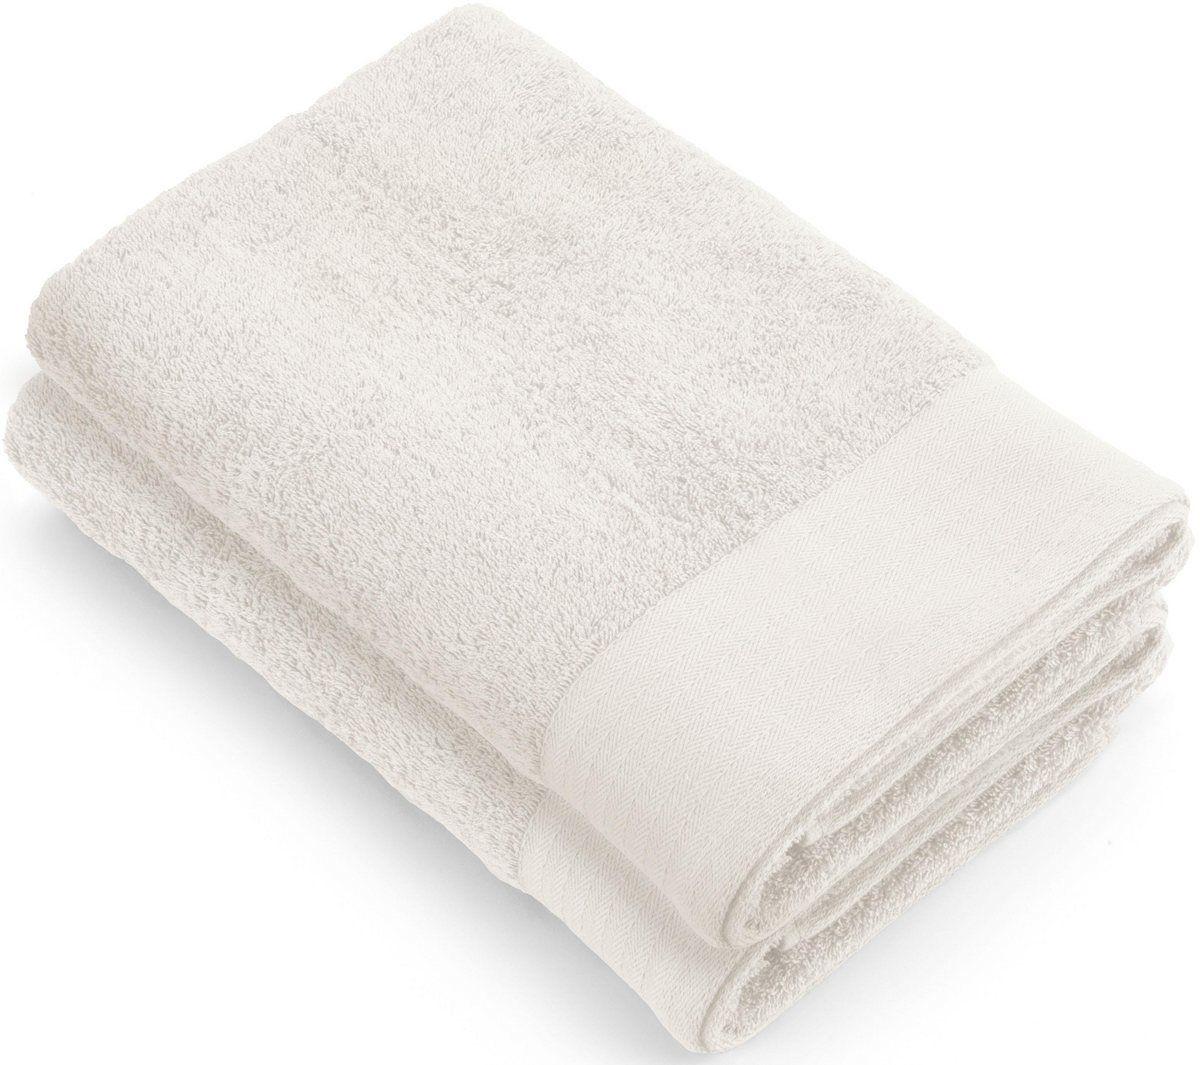 Duschtucher Soft Cotton Mit Gewebter Bordure 2 Tlg Weben